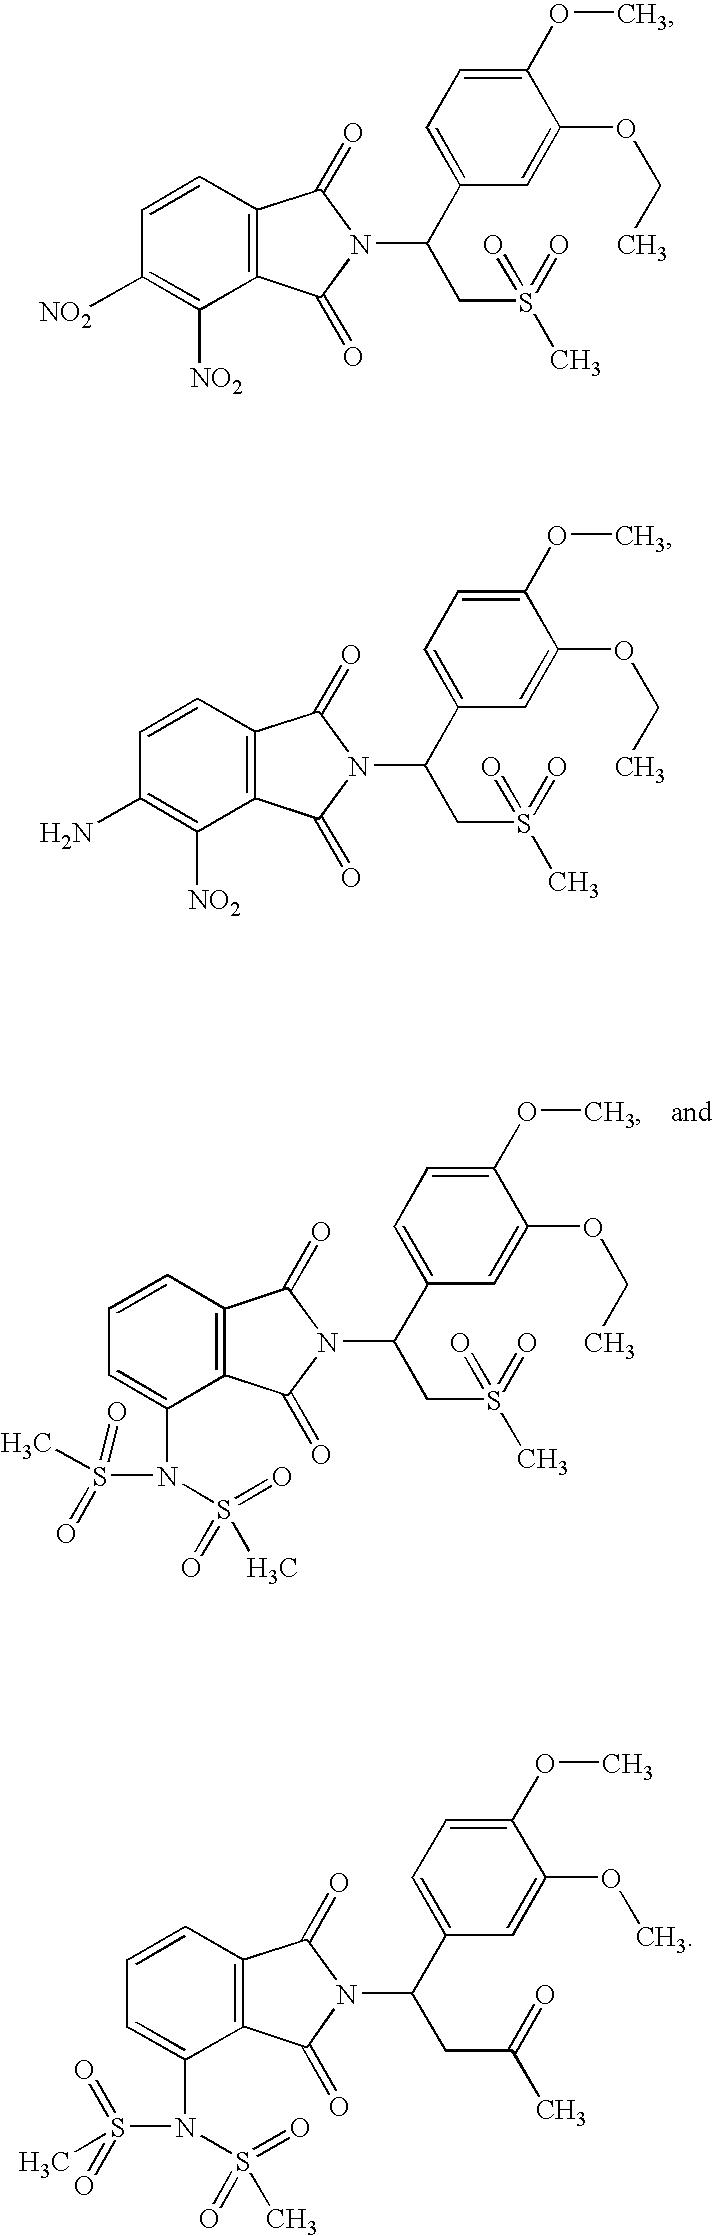 Figure US20070190070A1-20070816-C00029